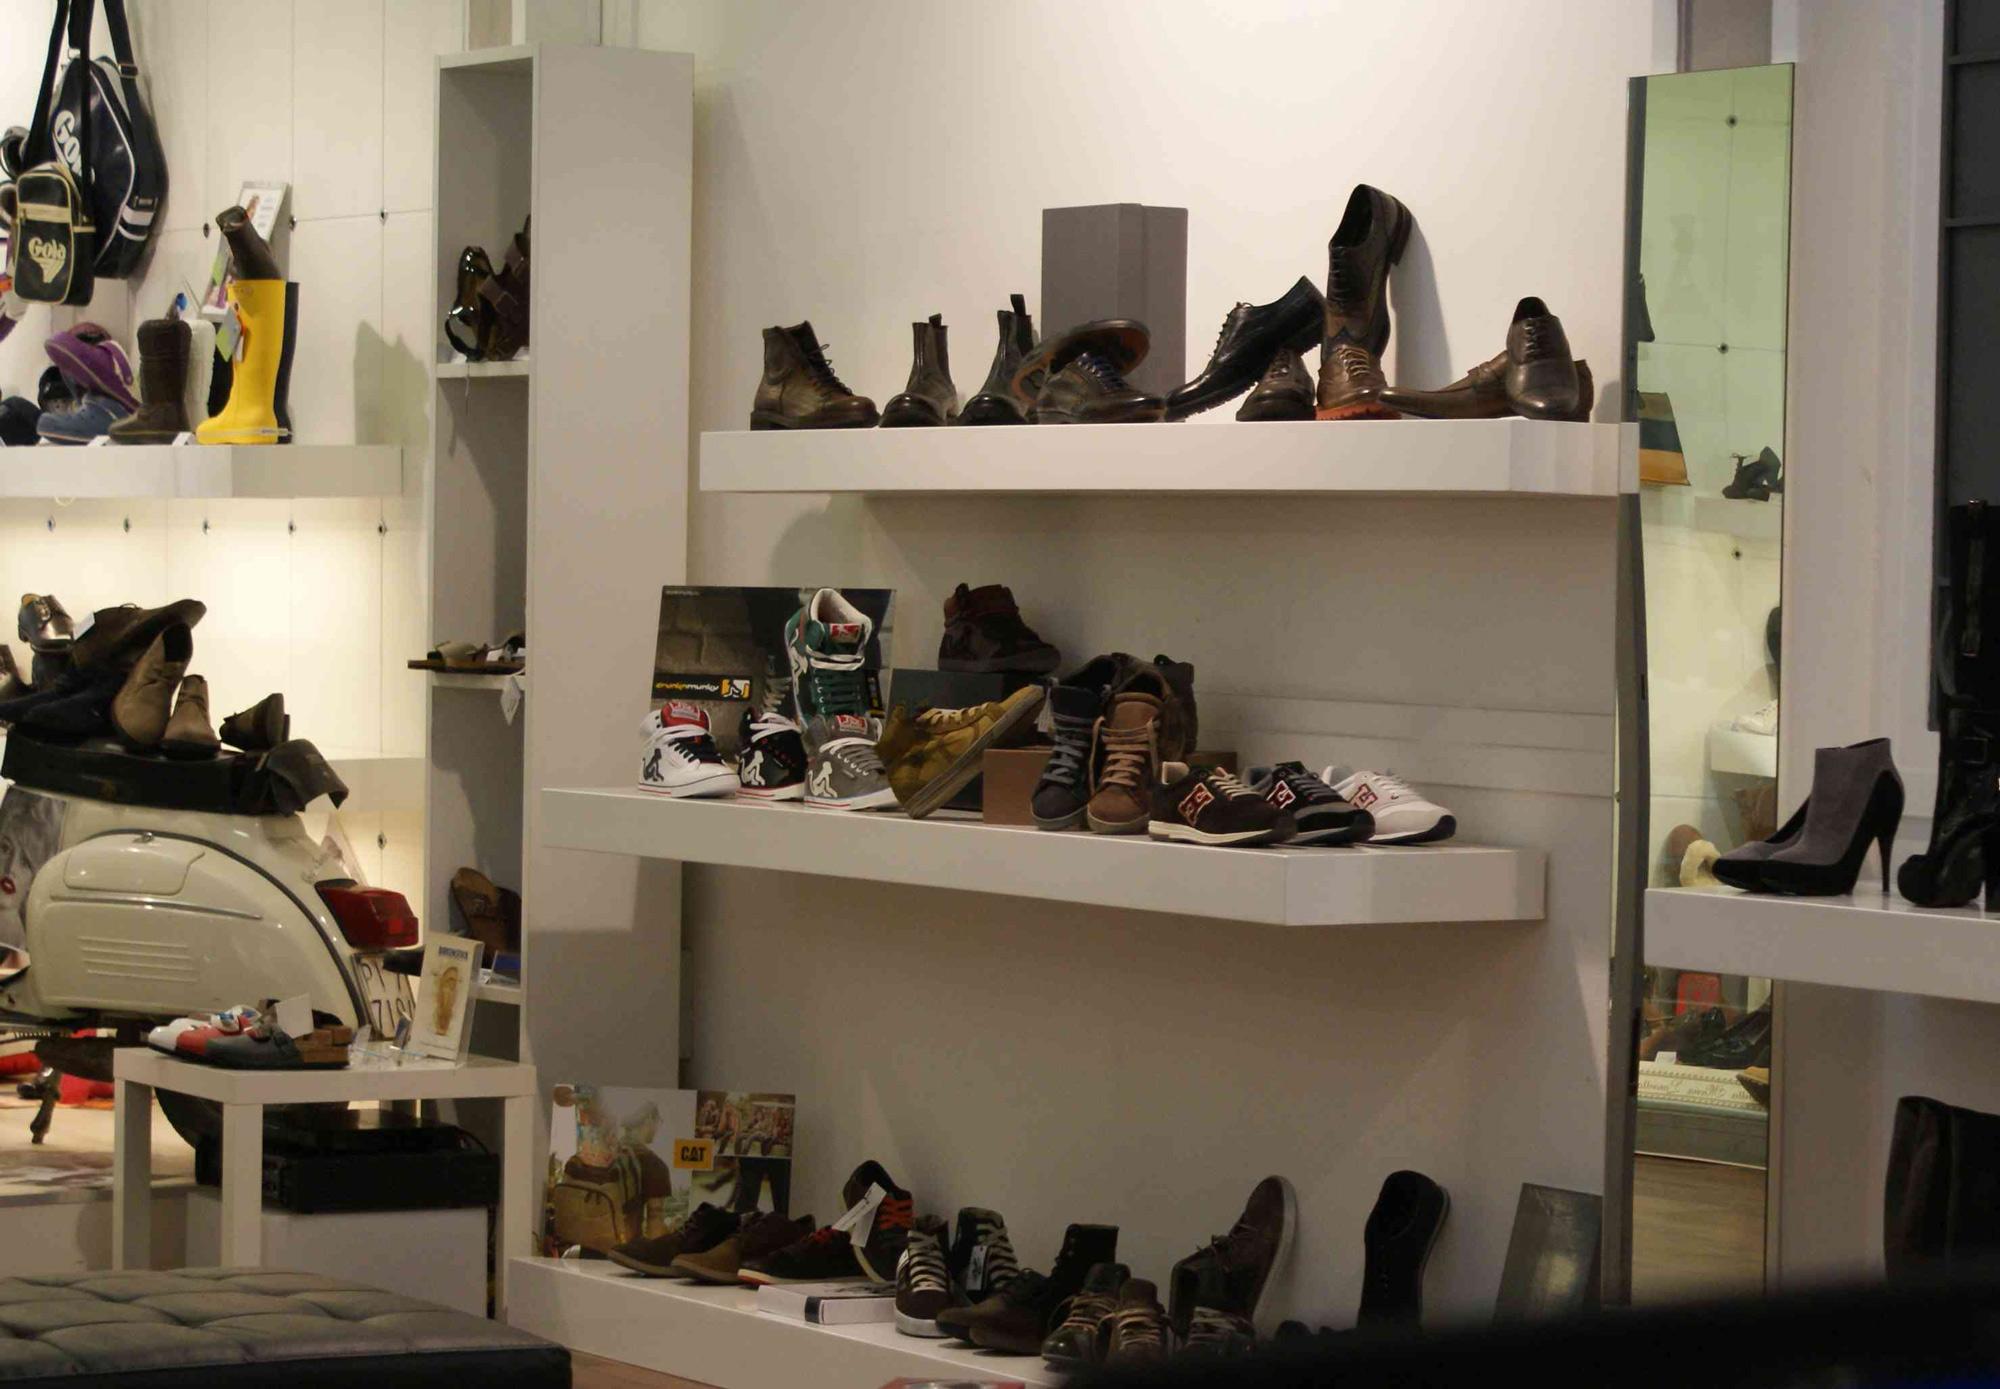 arredamento negozio abbigliamento moderno: european negozio di ... - Arredamento Negozi Abbigliamento Toscana